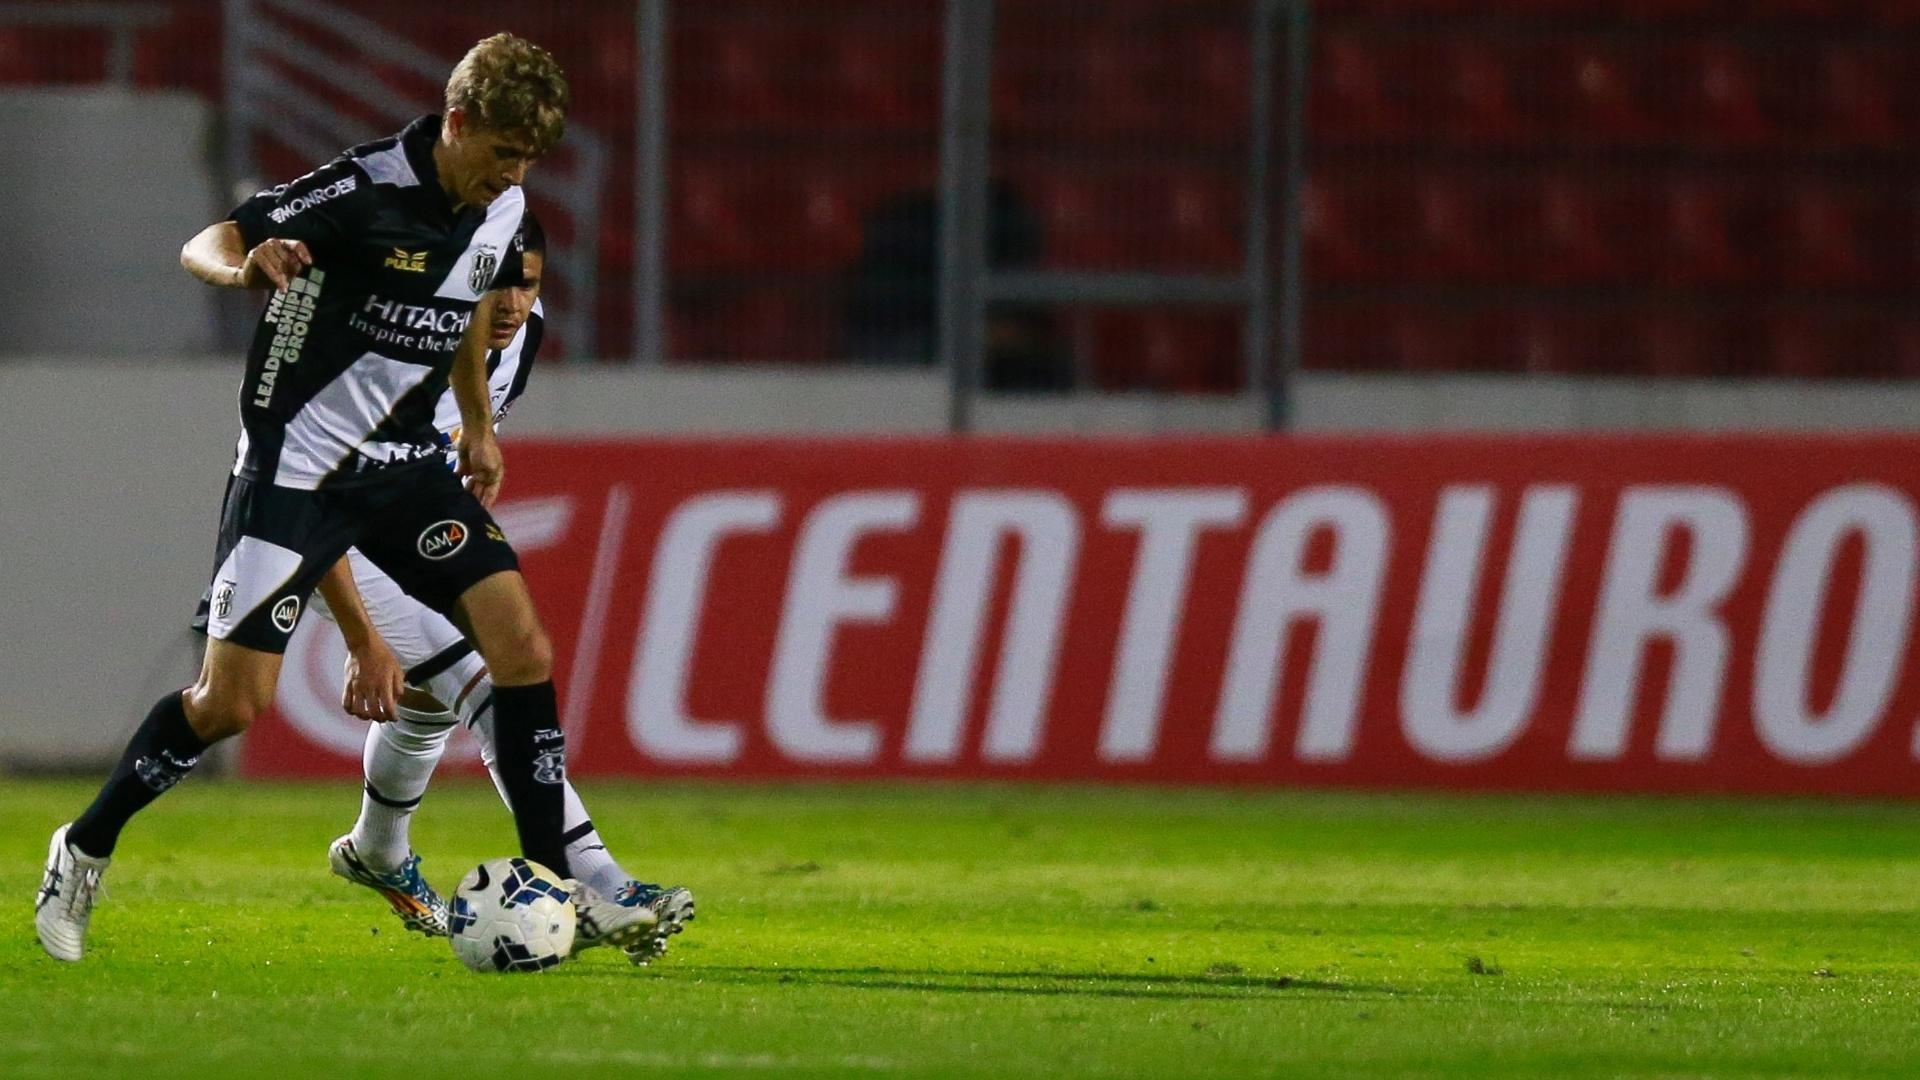 Adrianinho, da Ponte Preta, tenta evitar marcação do Vasco durante jogo pela Copa do Brasil